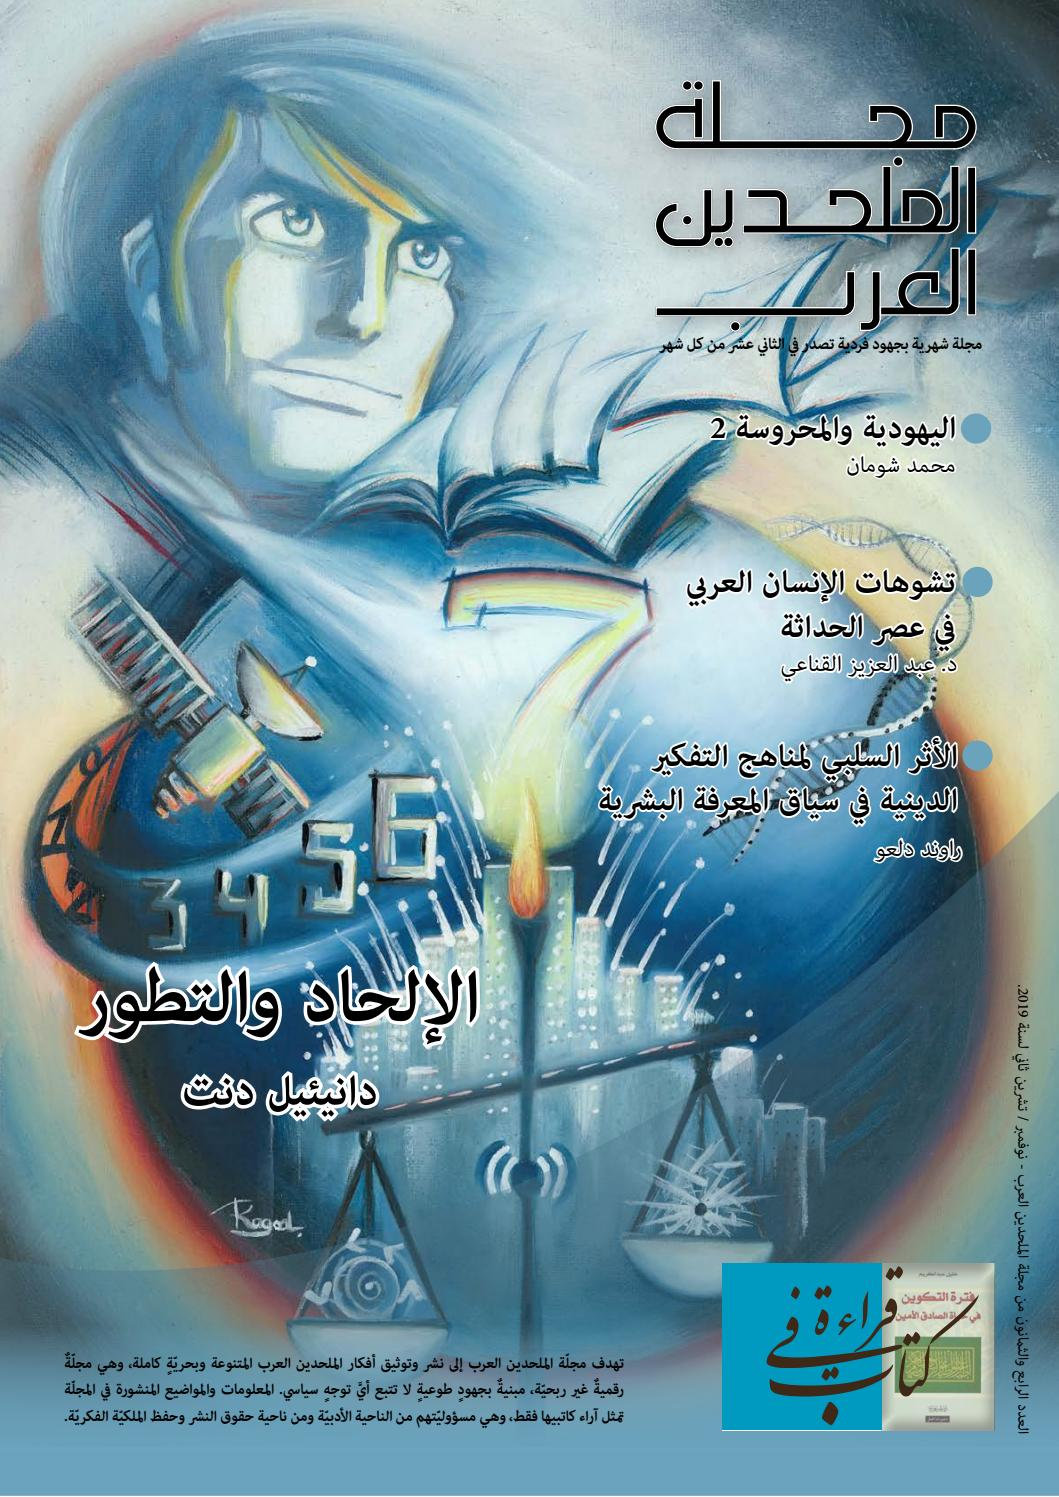 مجلة الملحدين العرب / العدد الخامس والثمانون / ديسمبر كانون أول / 2019 by  مجلة الملحدين العرب | Arab Atheists Magazine - issuu